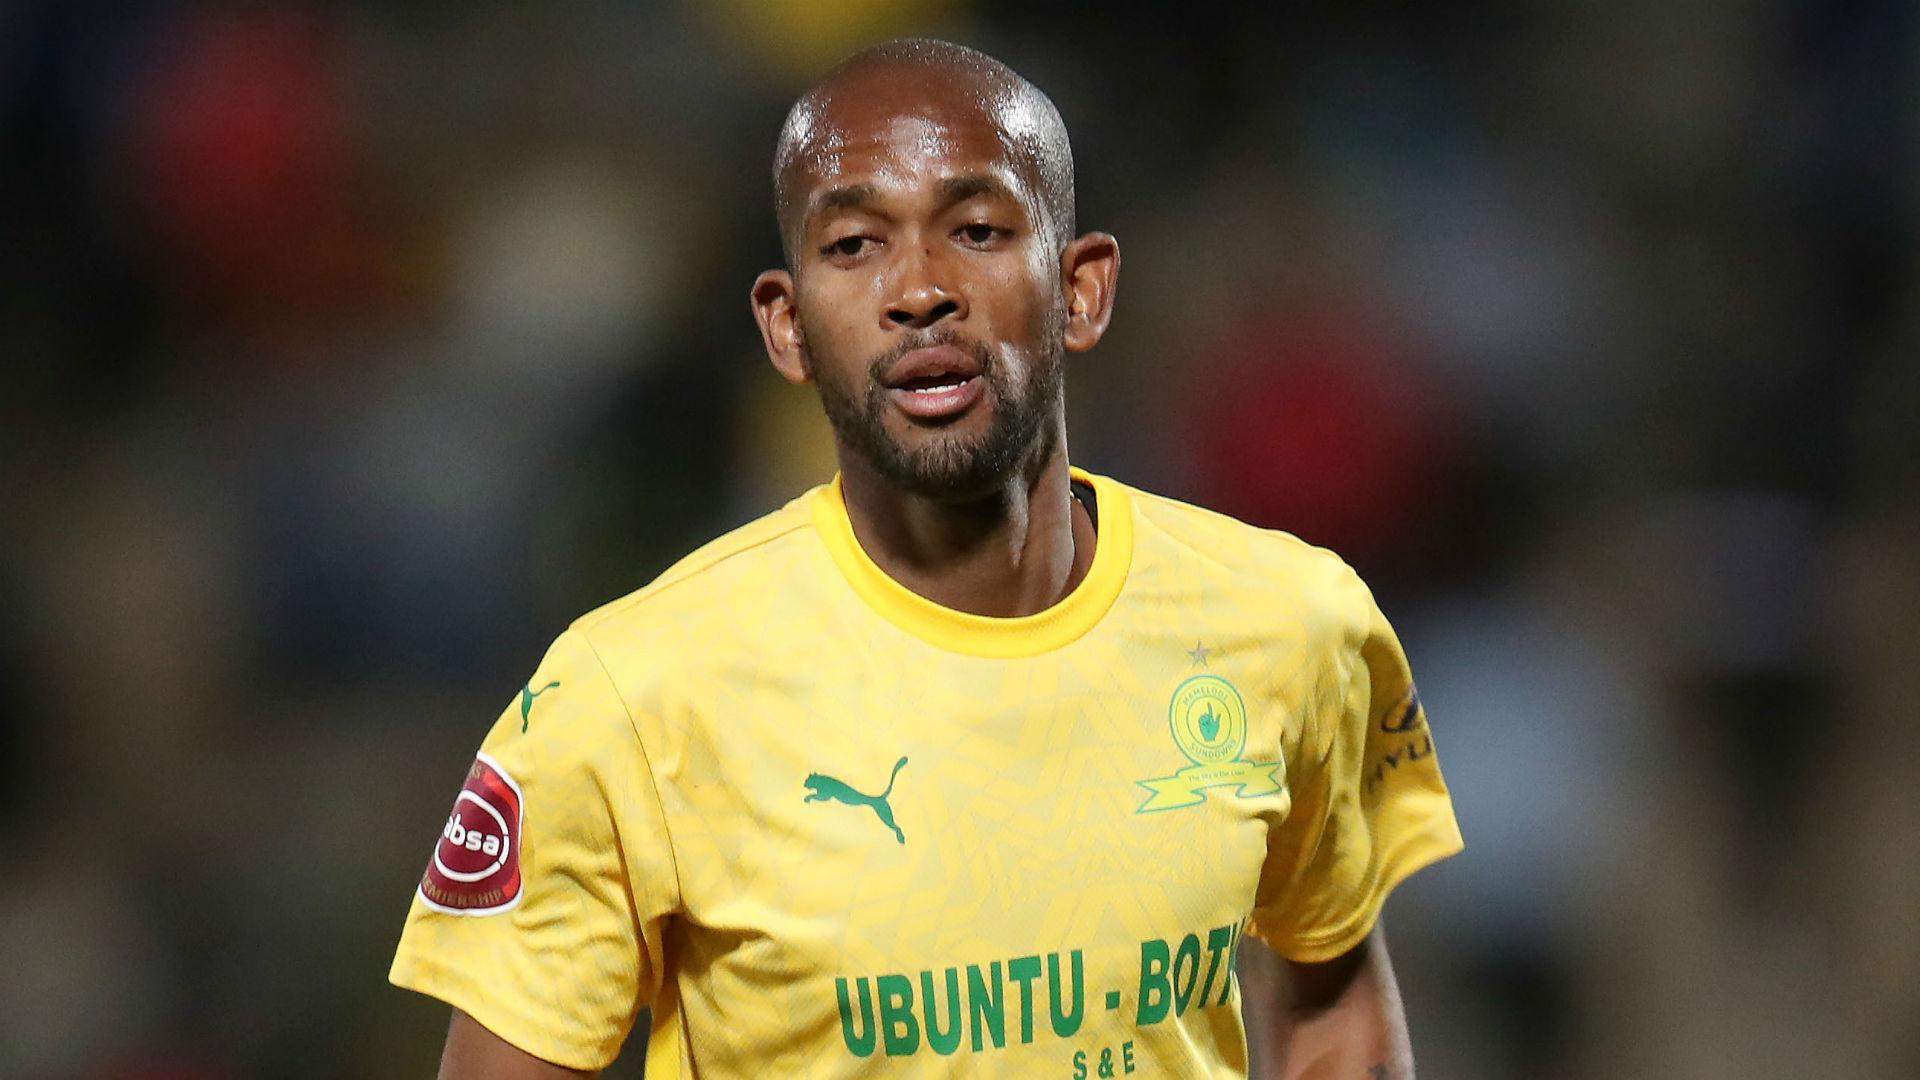 Mosa Lebusa of Mamelodi Sundowns, August 2019